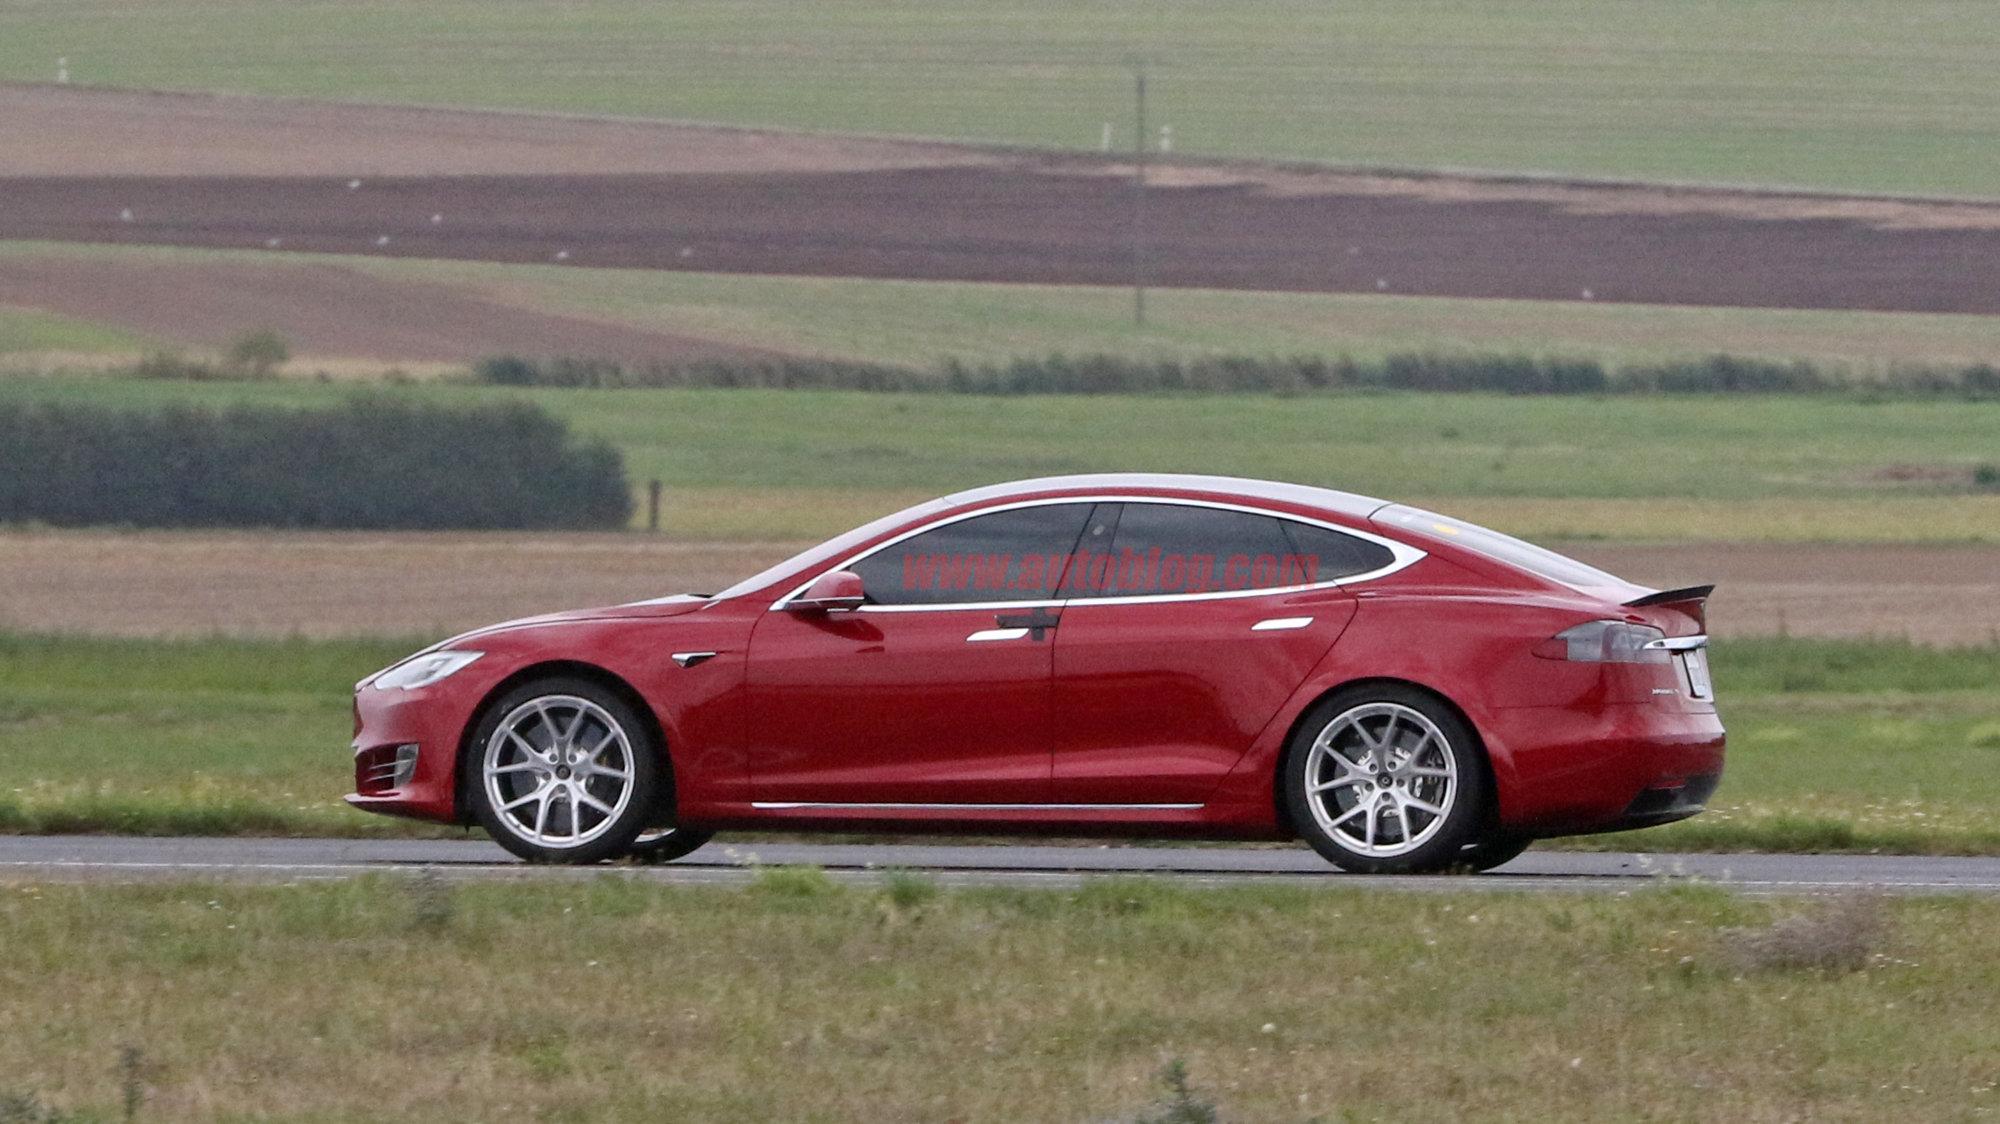 Tesla-Model-S-Nürburgring-preparation-2.jpg